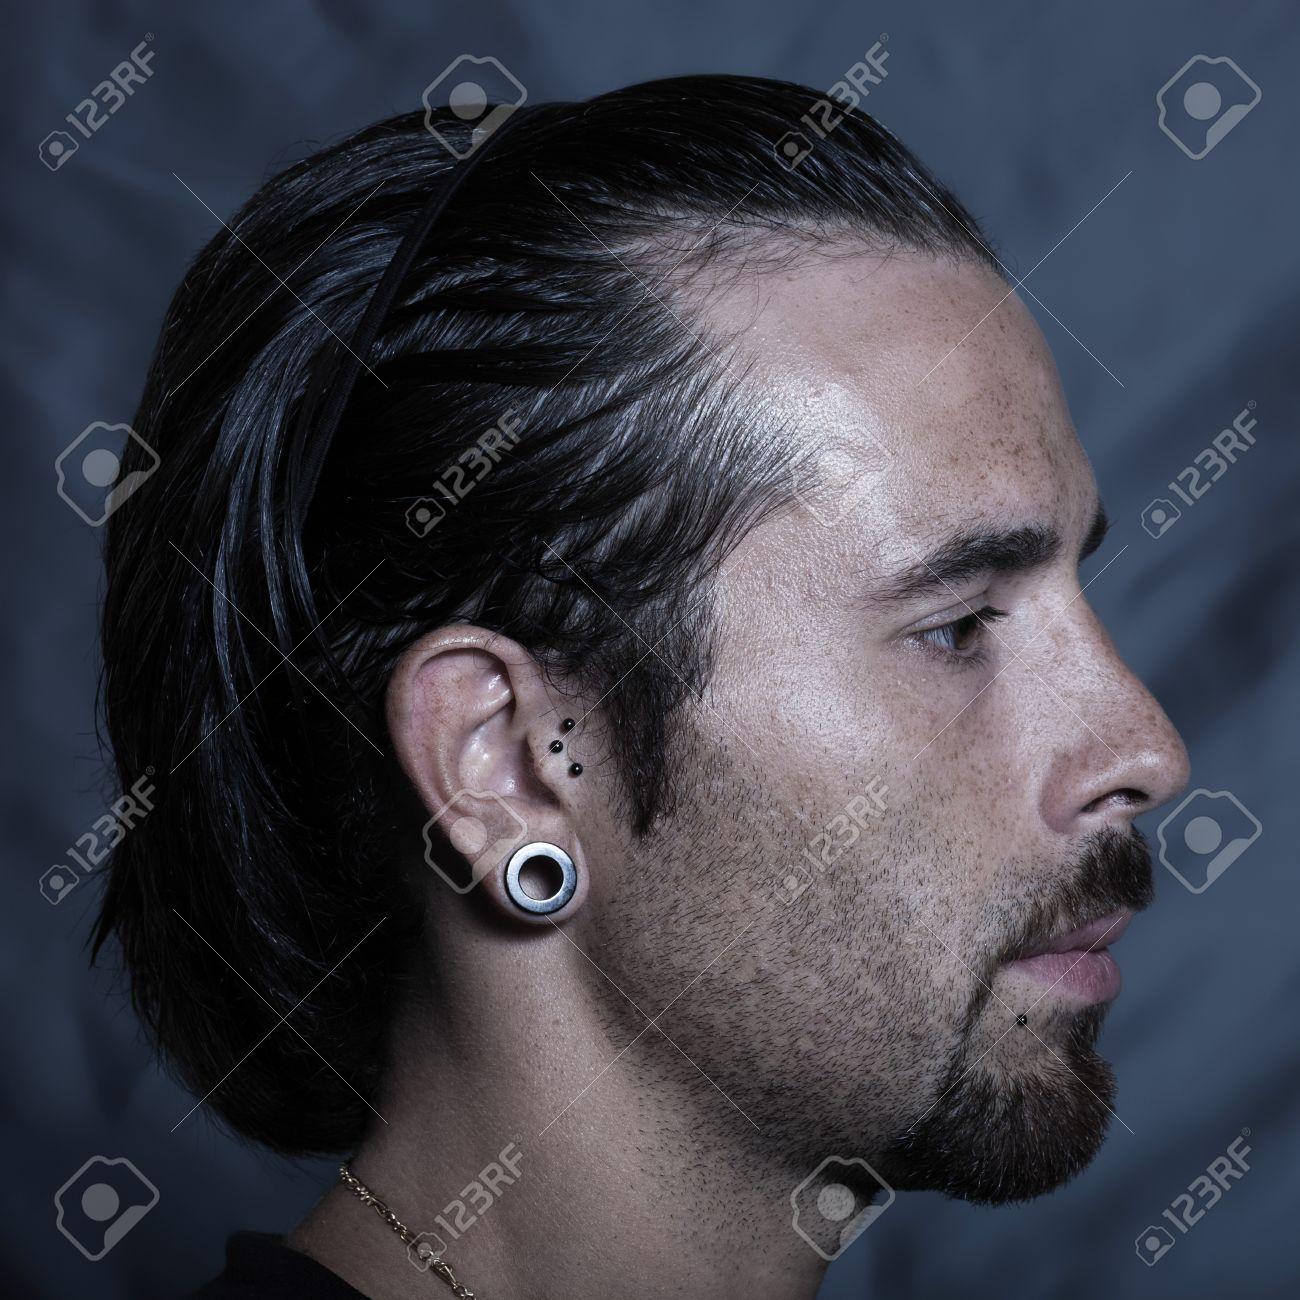 Urbano Elegante Hombre Joven Caucásico Con Orejas Perforadas Y